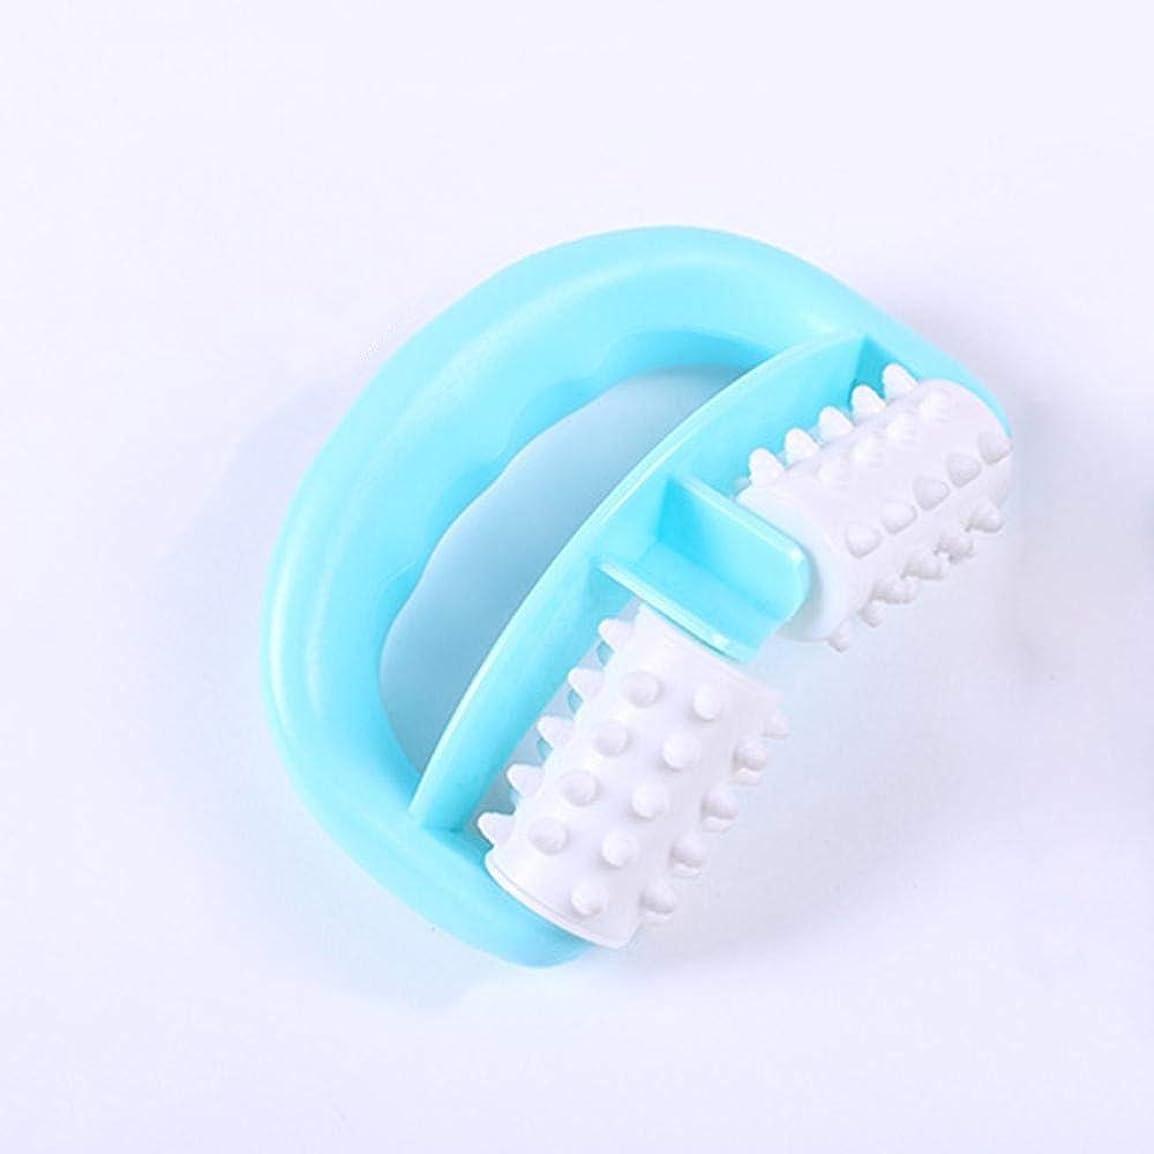 れる表示回転するLVESHOP プラスチック手動ラウンドハンドルマッスルマッサージボディローラーマッサージャー脚の腕のセルライトローラー